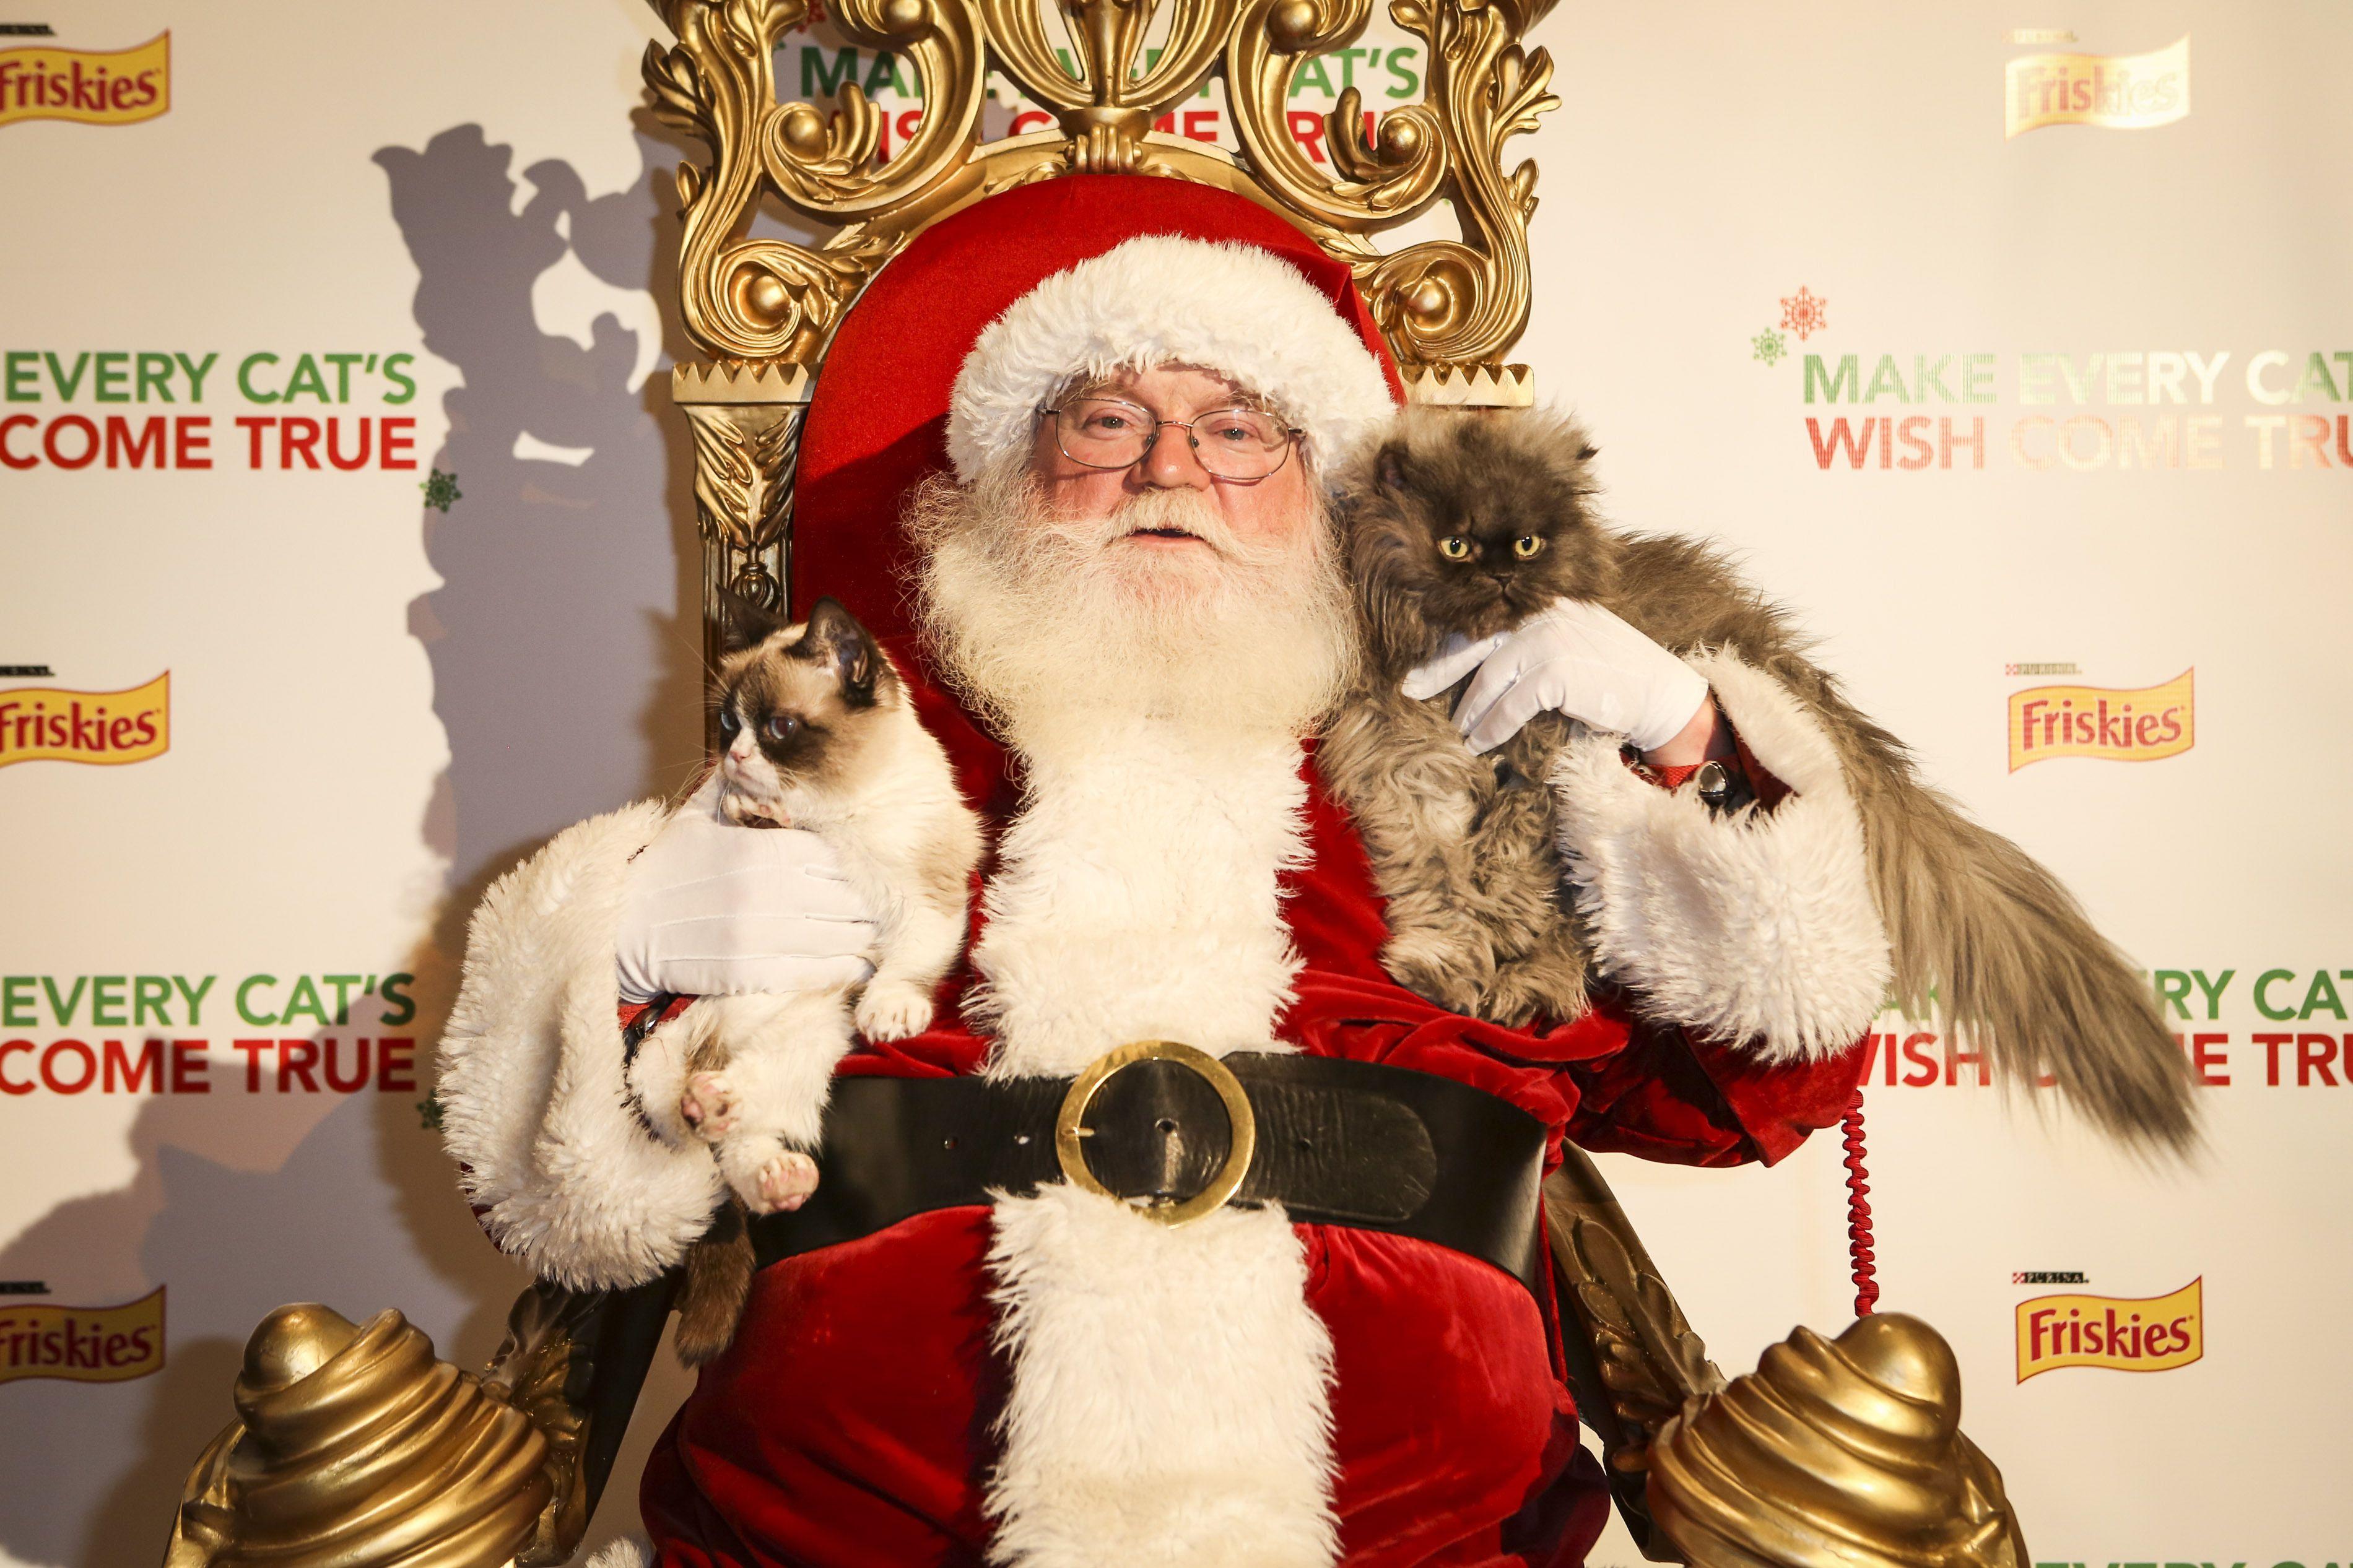 Grumpy cat posing with Santa